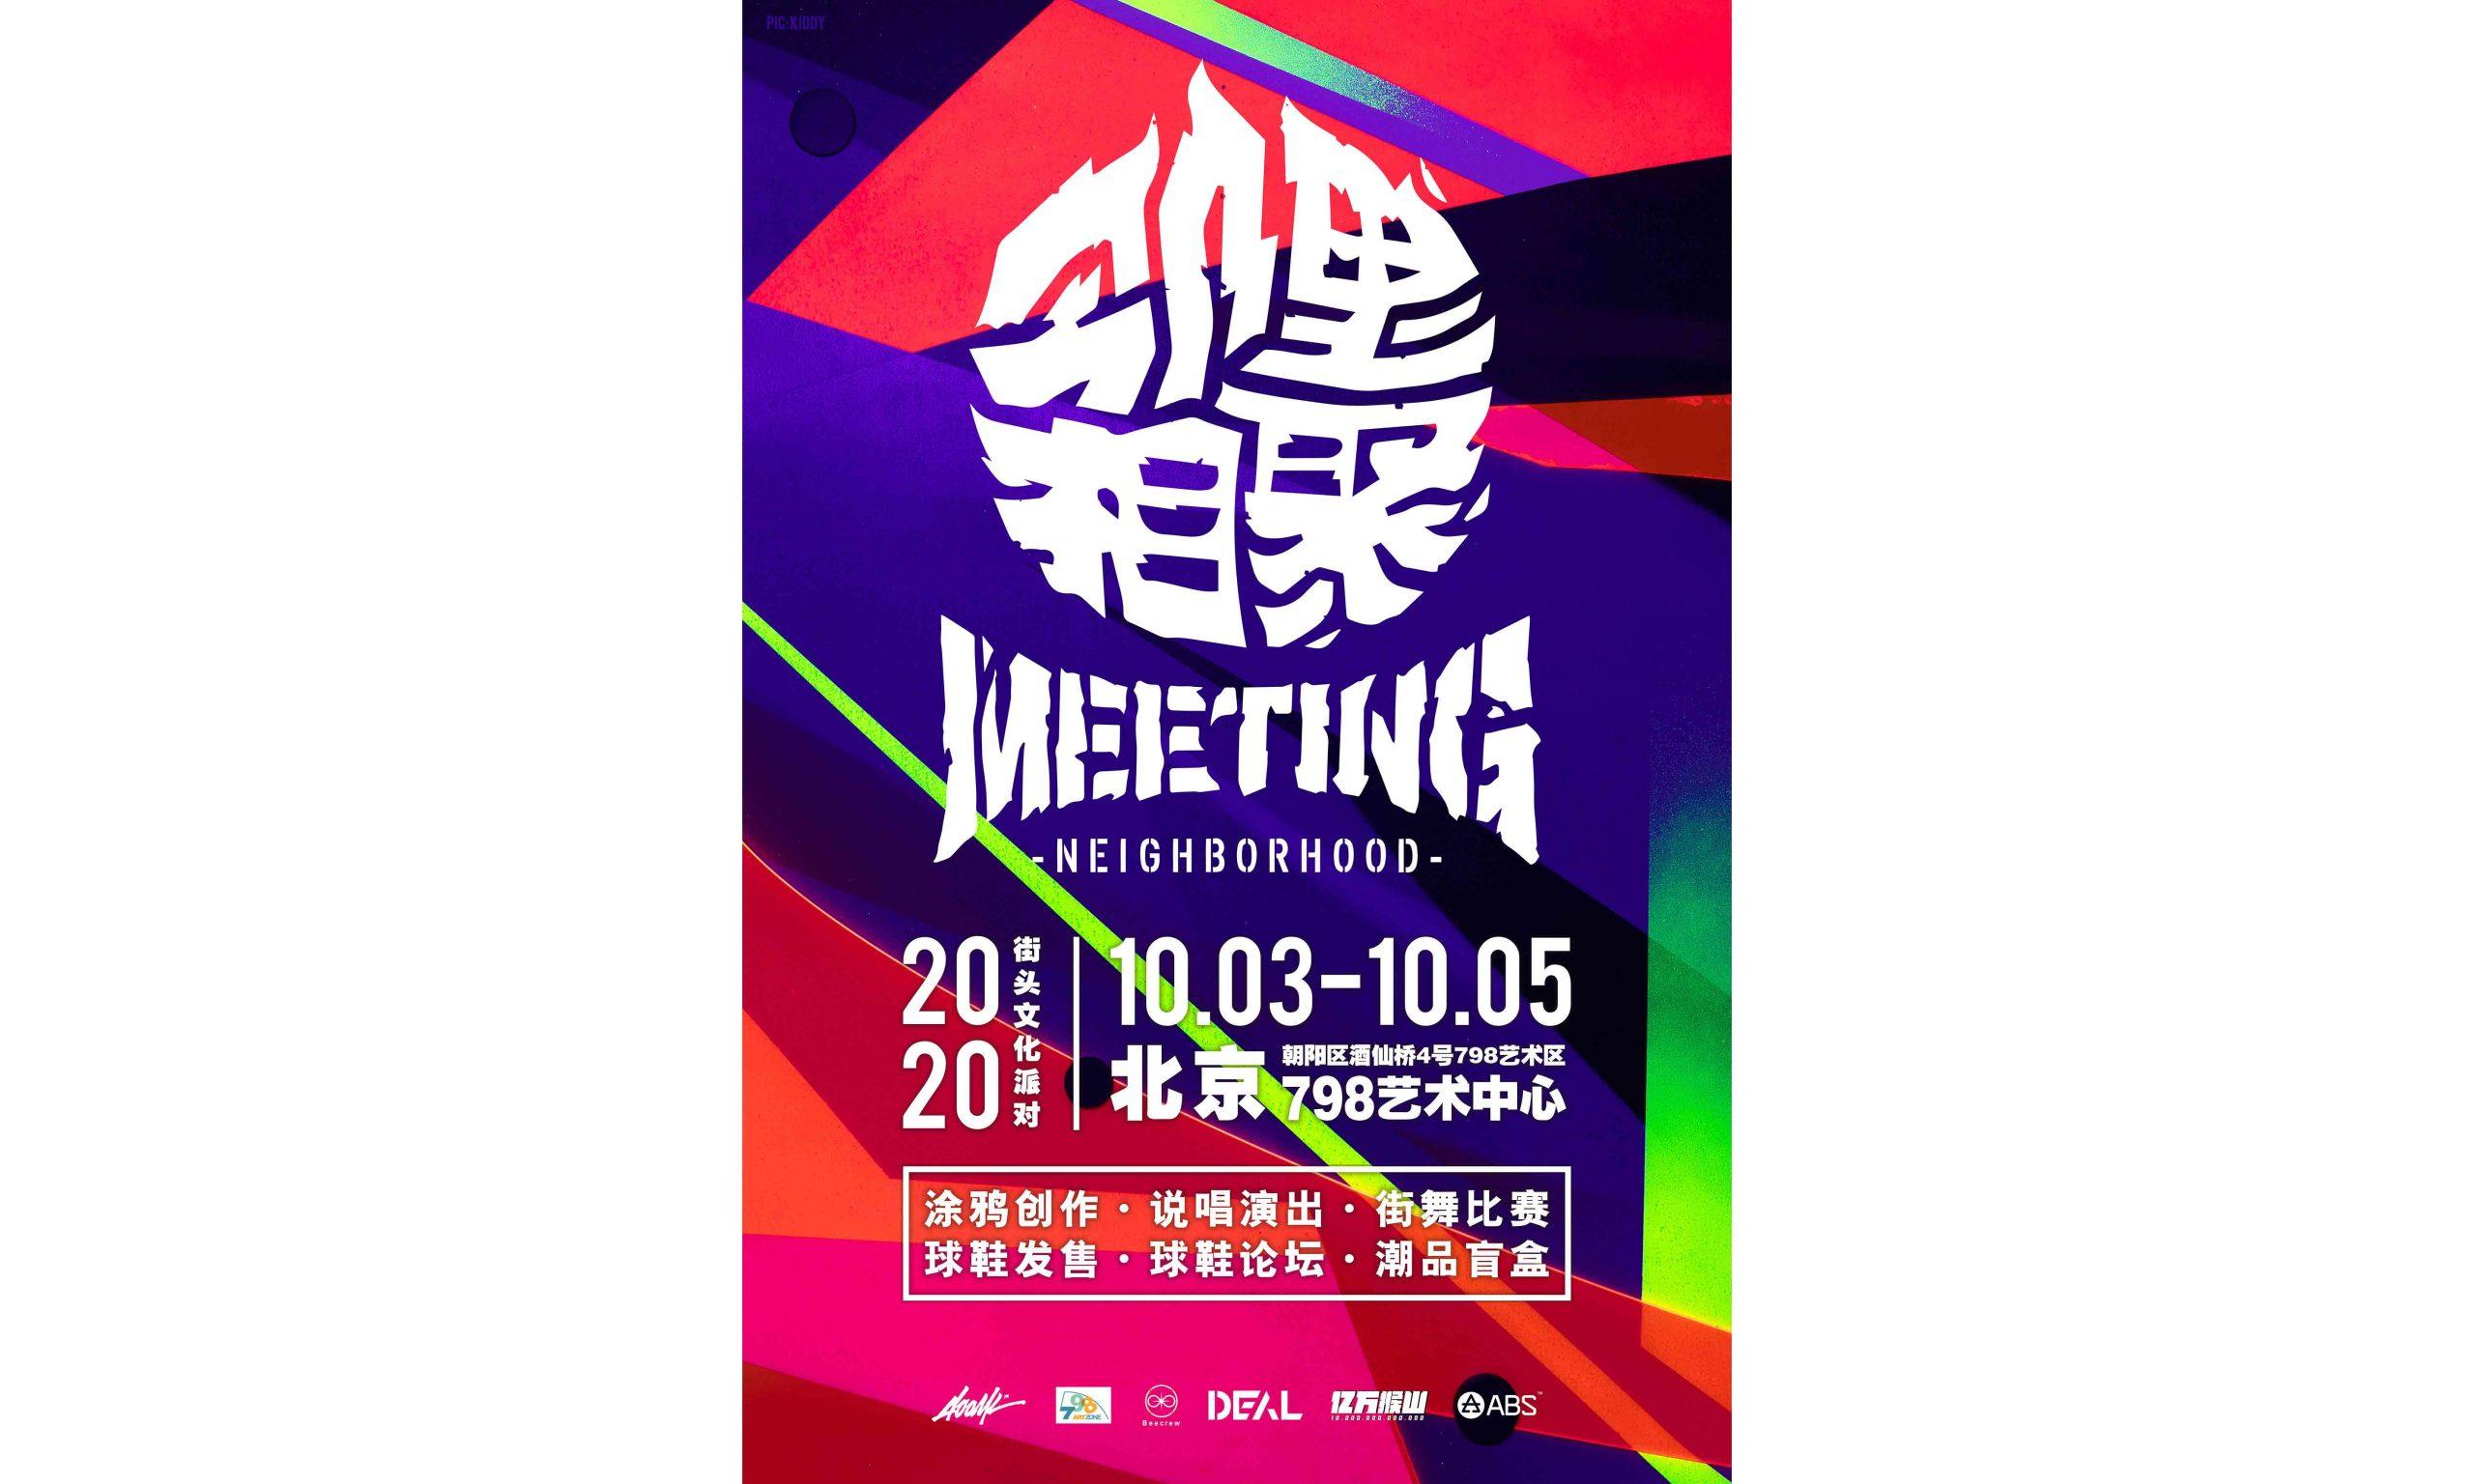 十月相聚北京,邻里相聚 2020 惊喜回归